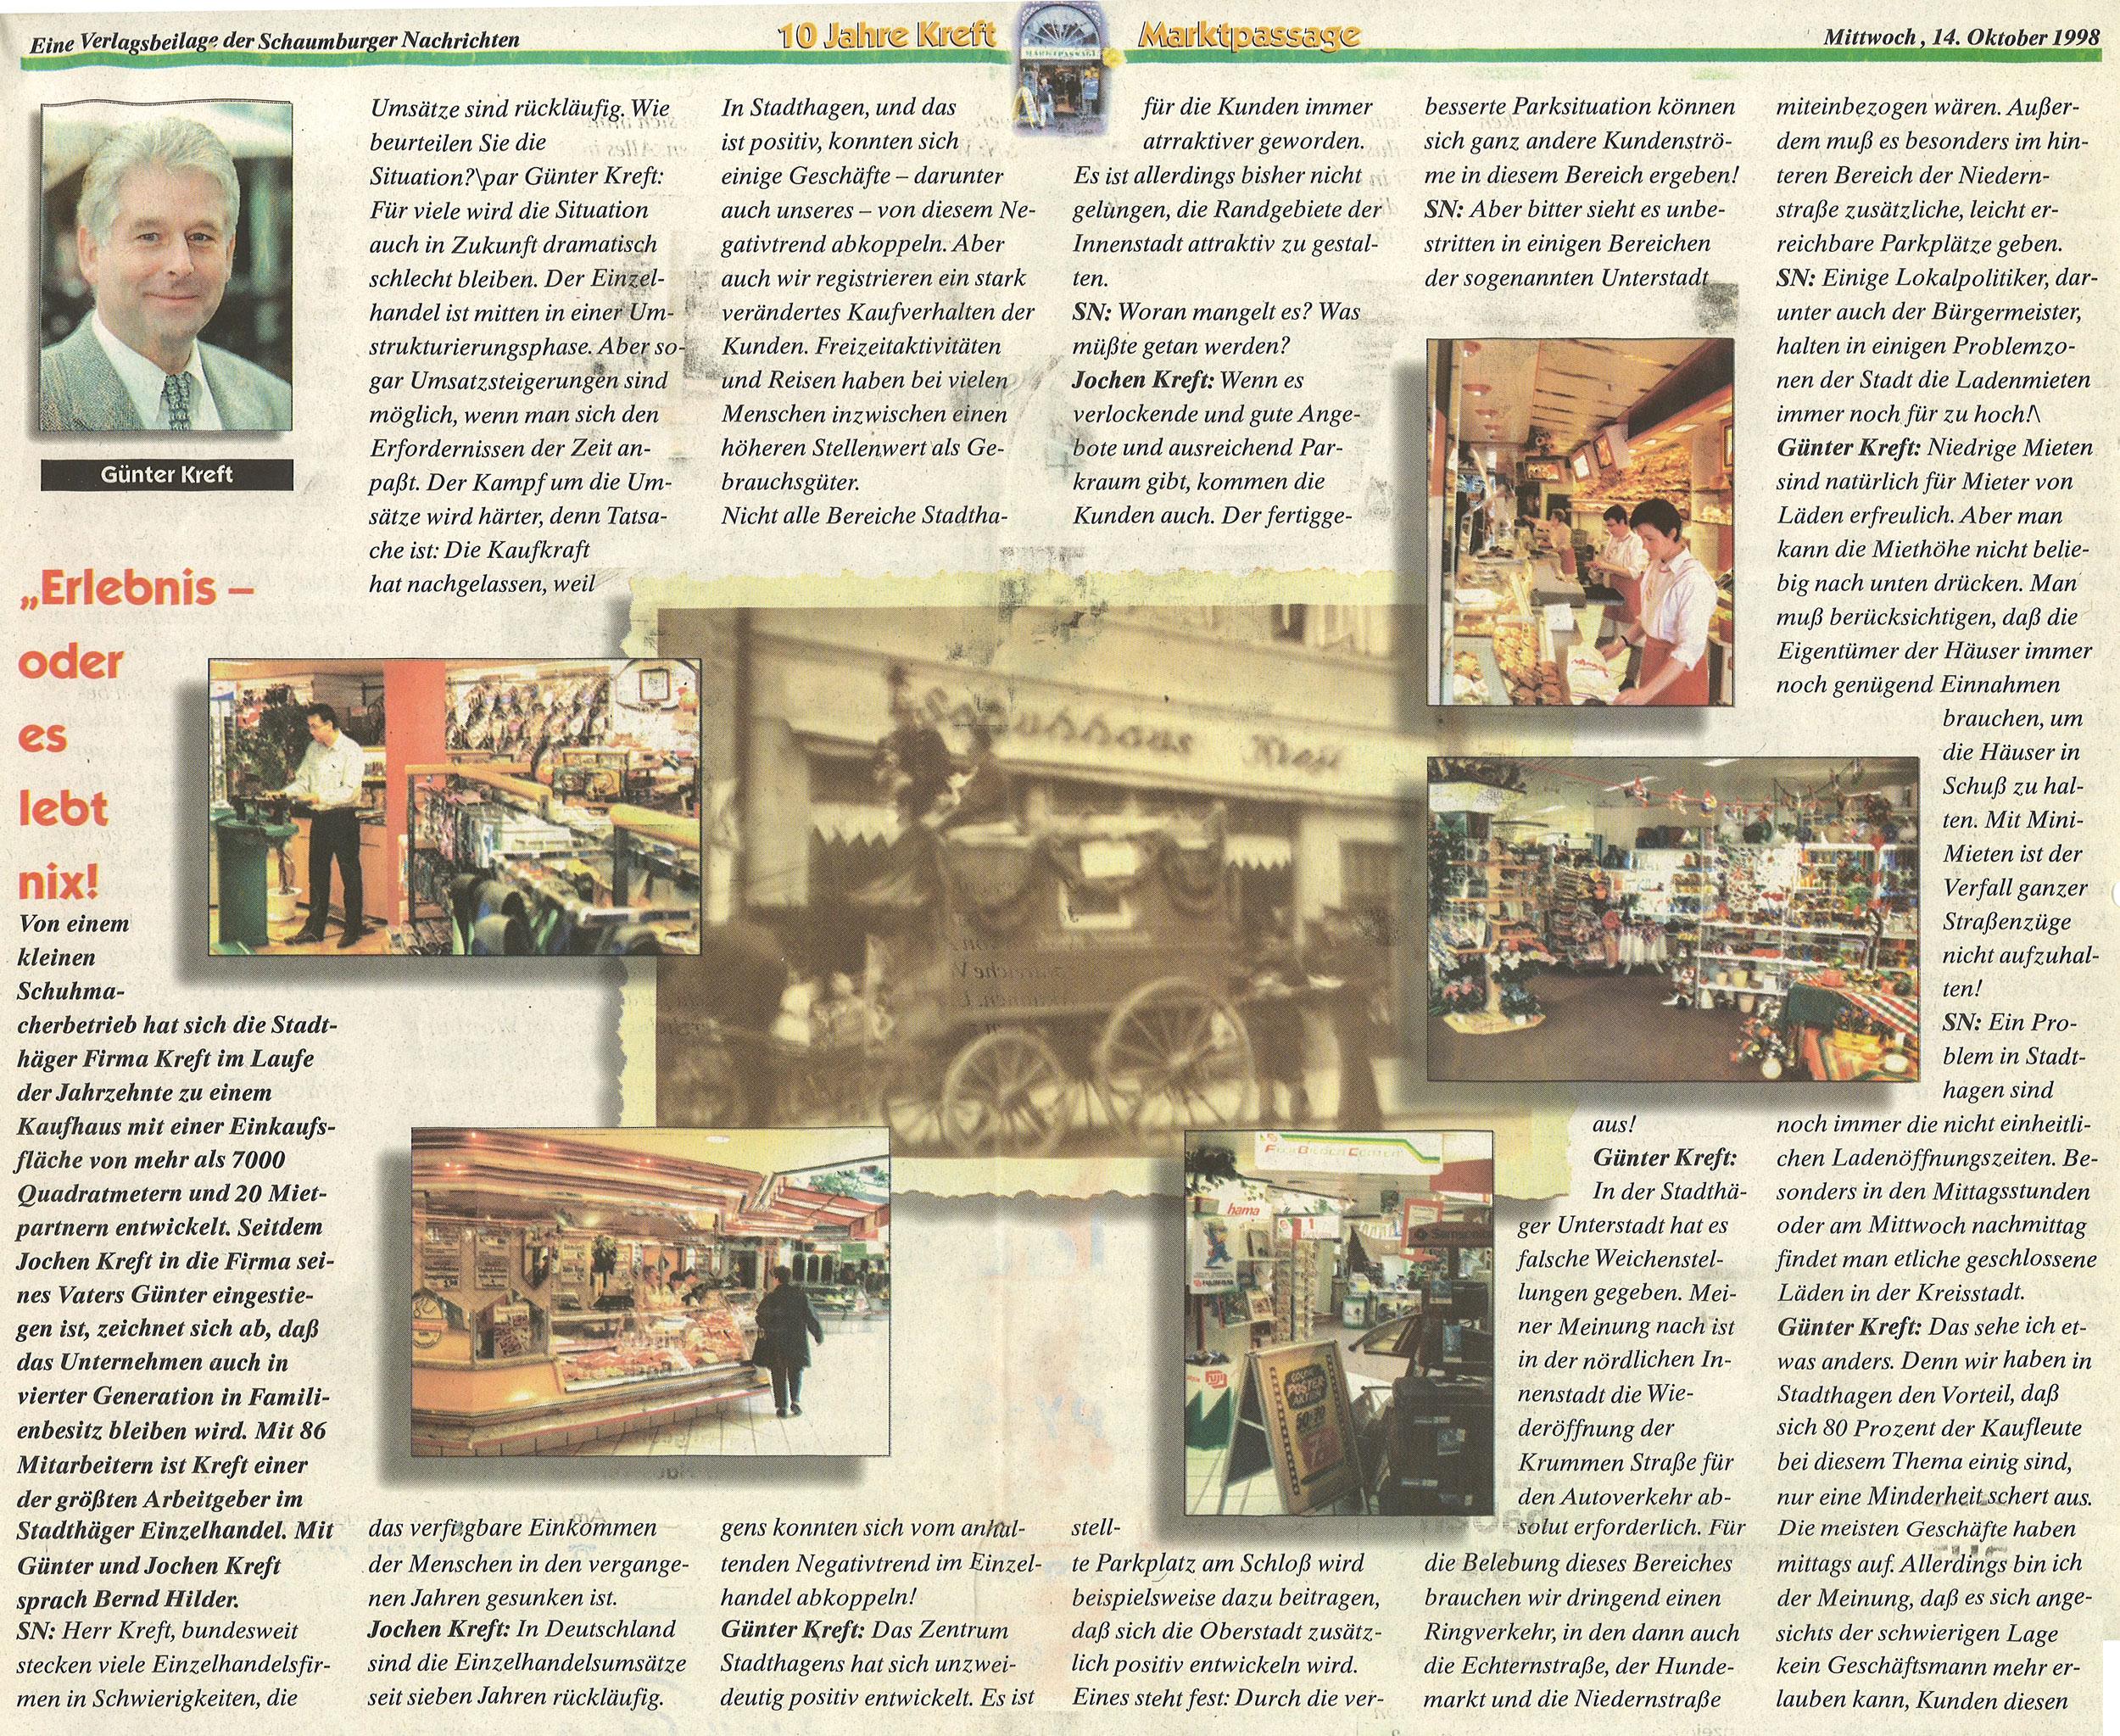 SN-Beilage-1998-Okrober-14-10-Jahre-Marktpassage-3